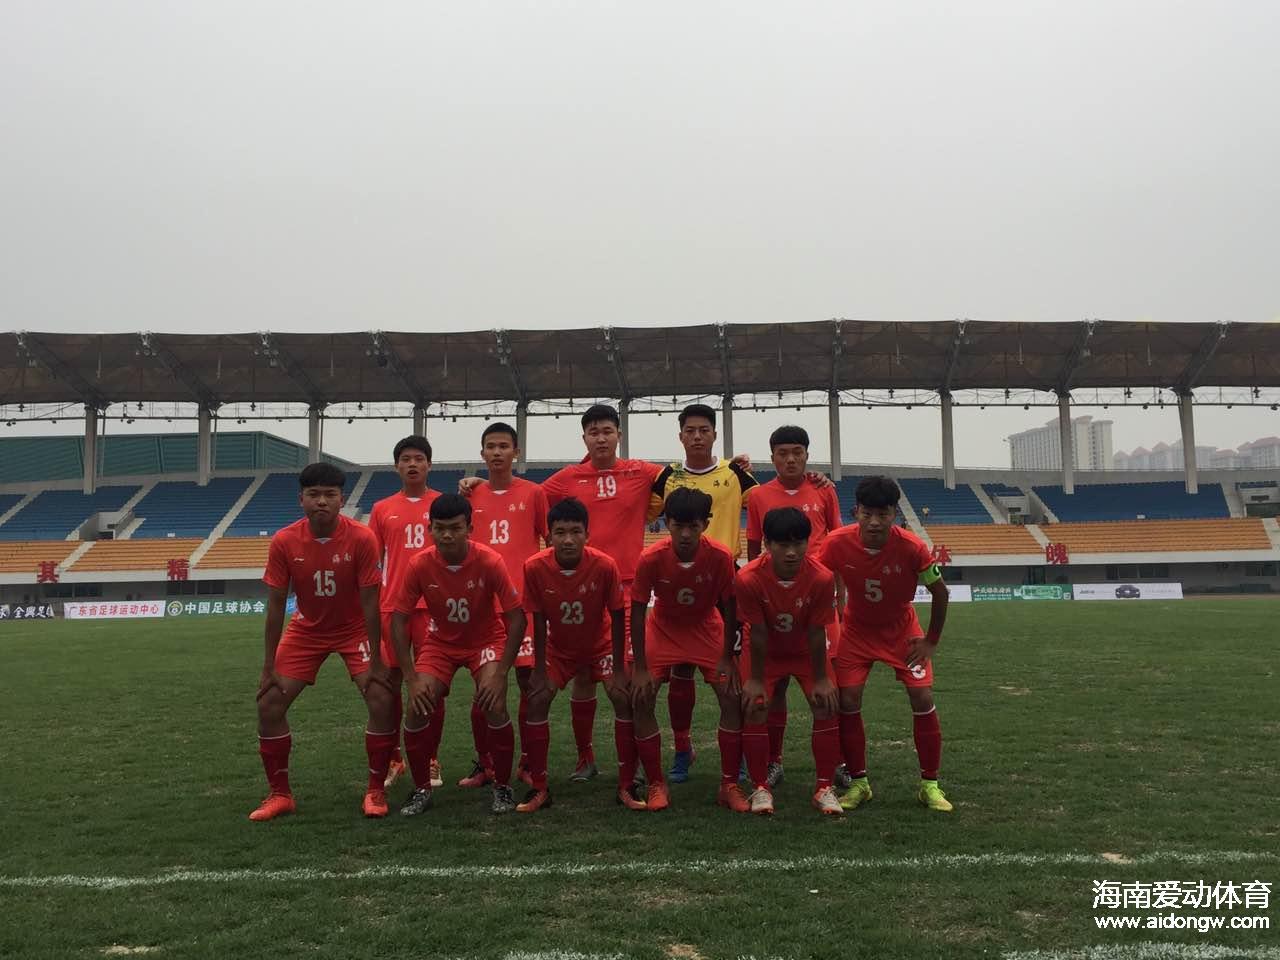 全运会足球预赛:海南首战大比分负广州 主帅总结要提高防守